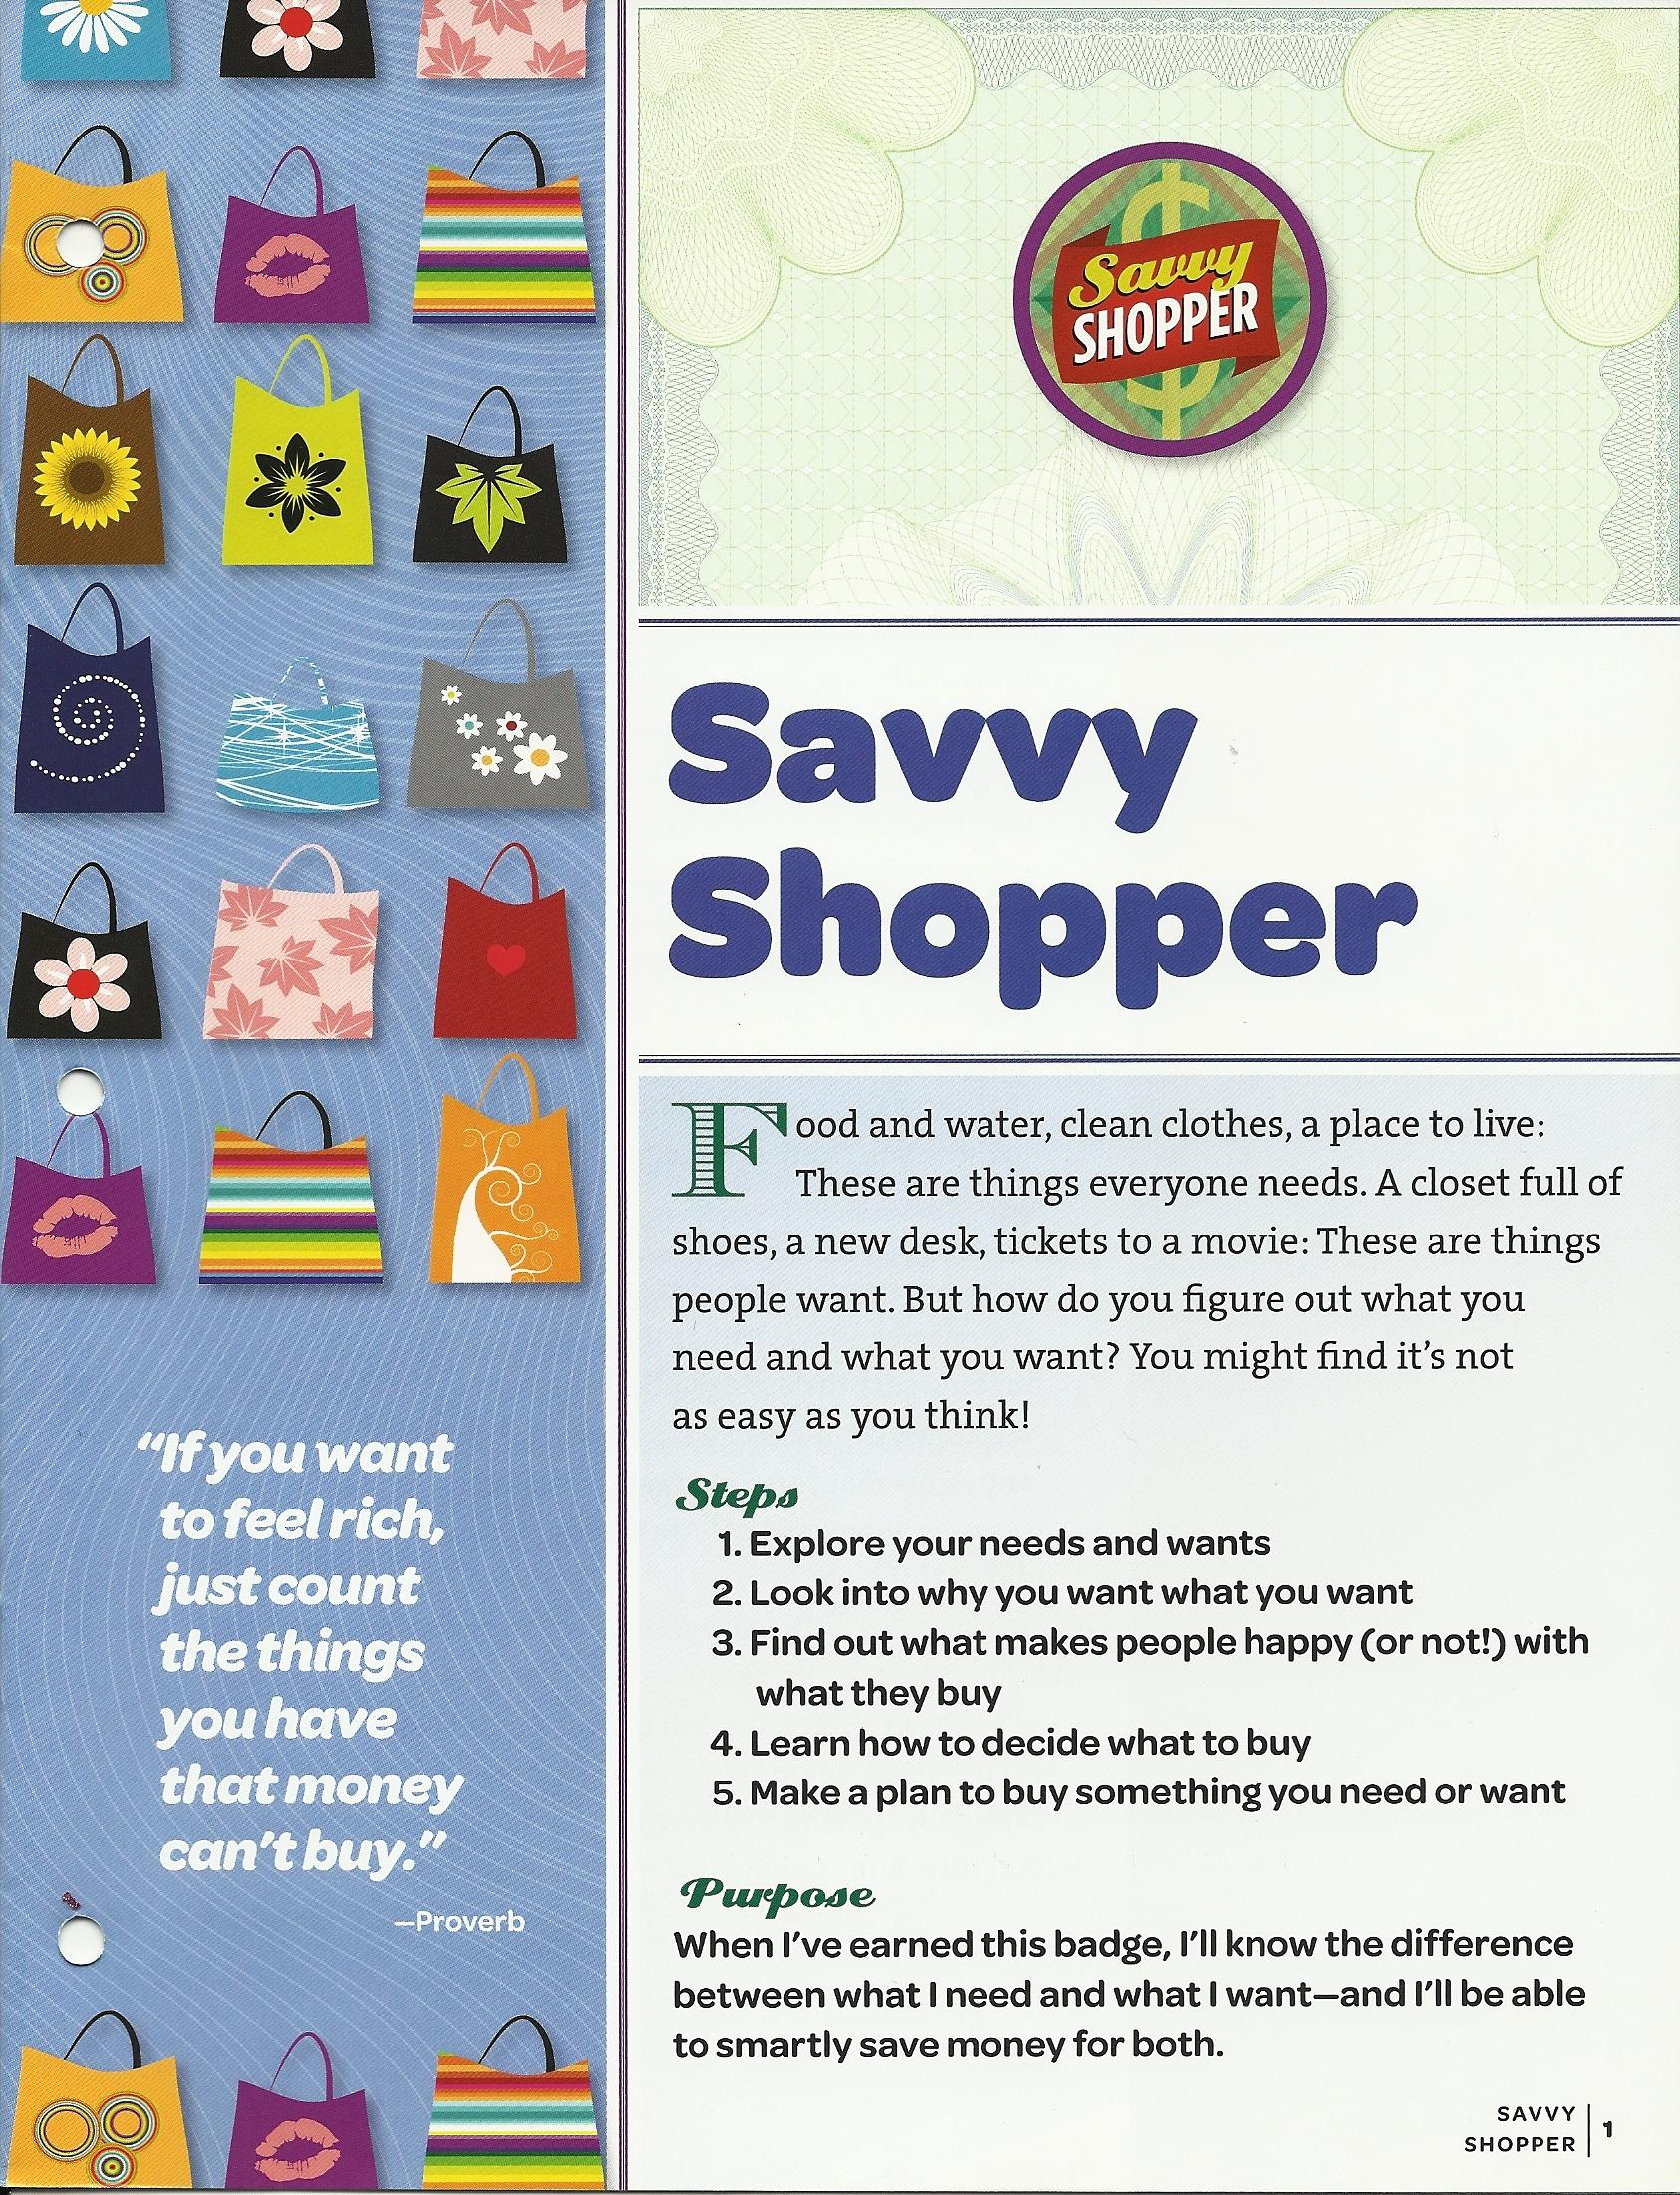 Savvy Shopper